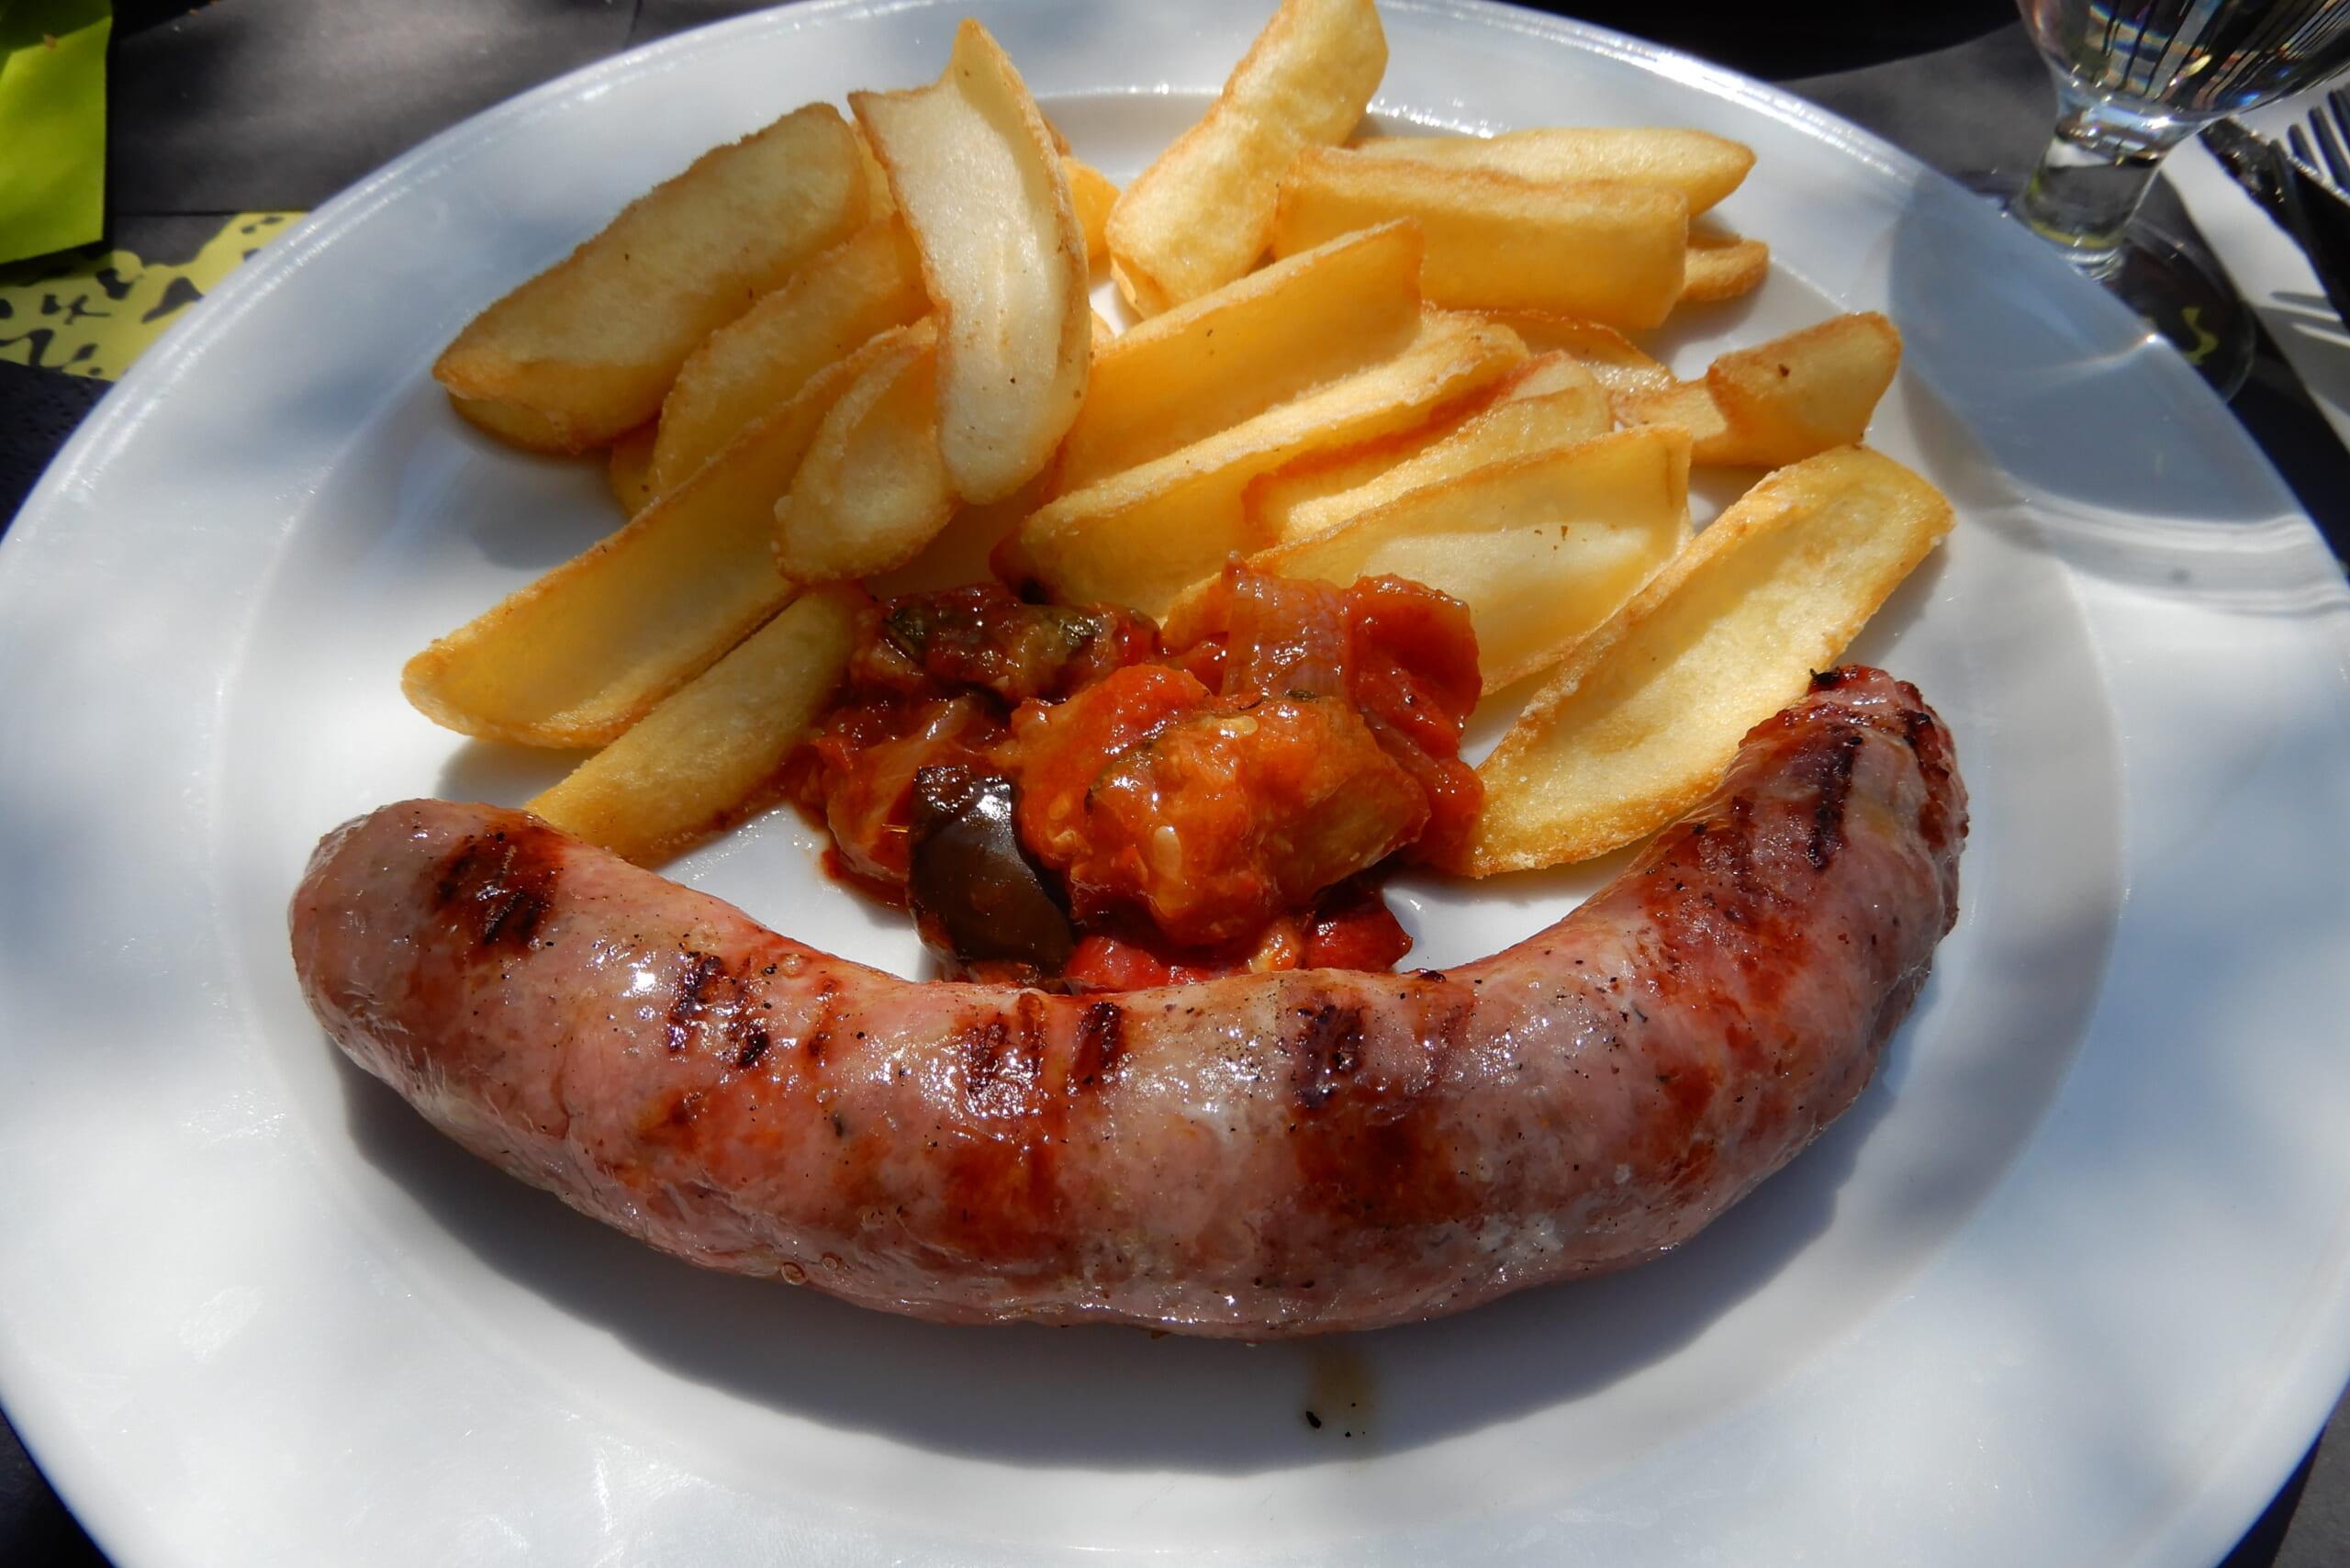 カタルーニャの郷土料理であるブティファラ